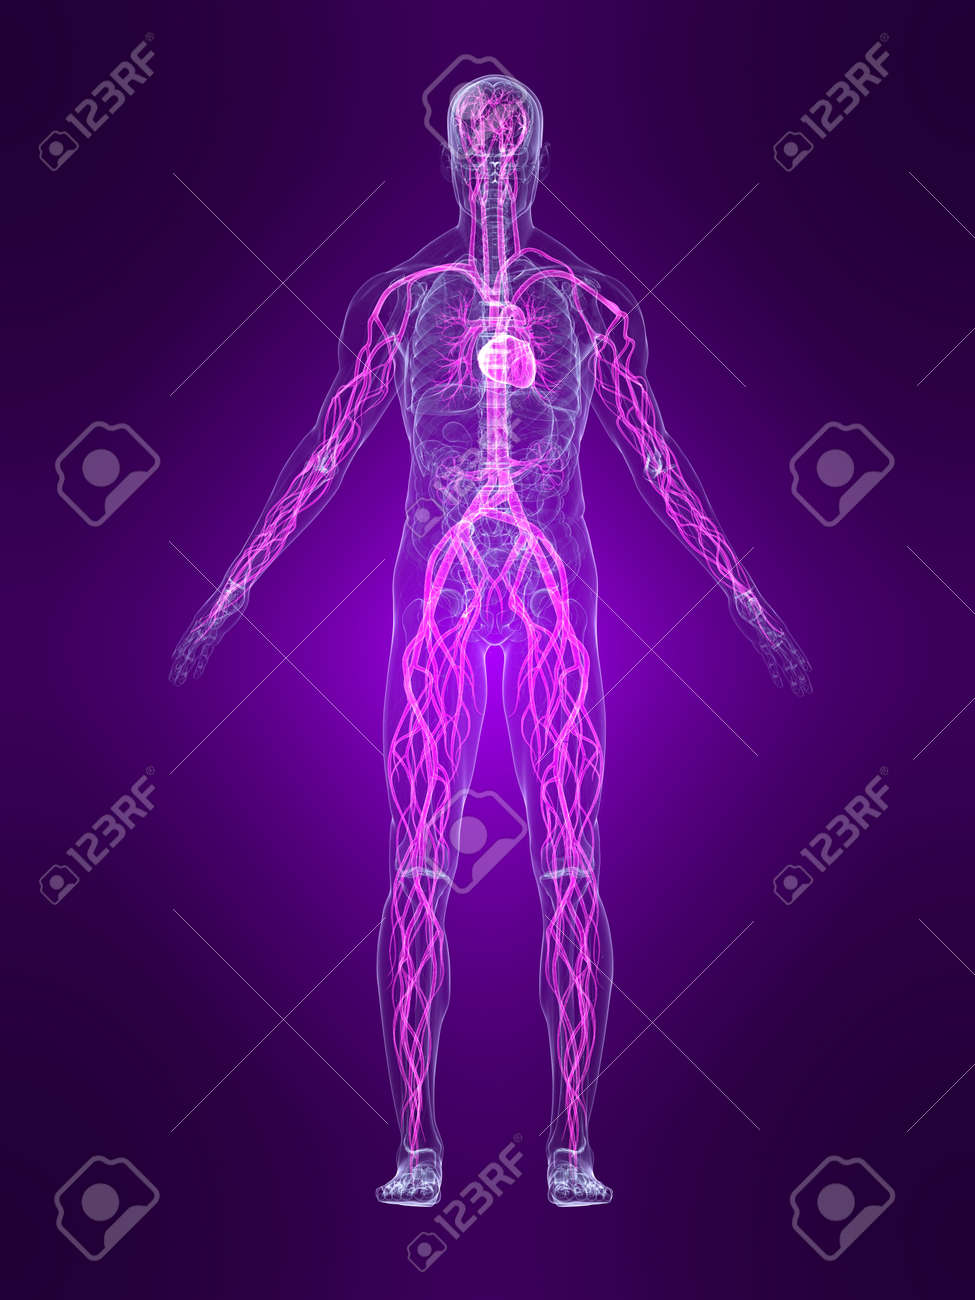 Transparent Menschlichen Körper Mit Hervorgehobenen Kreislauf-System ...